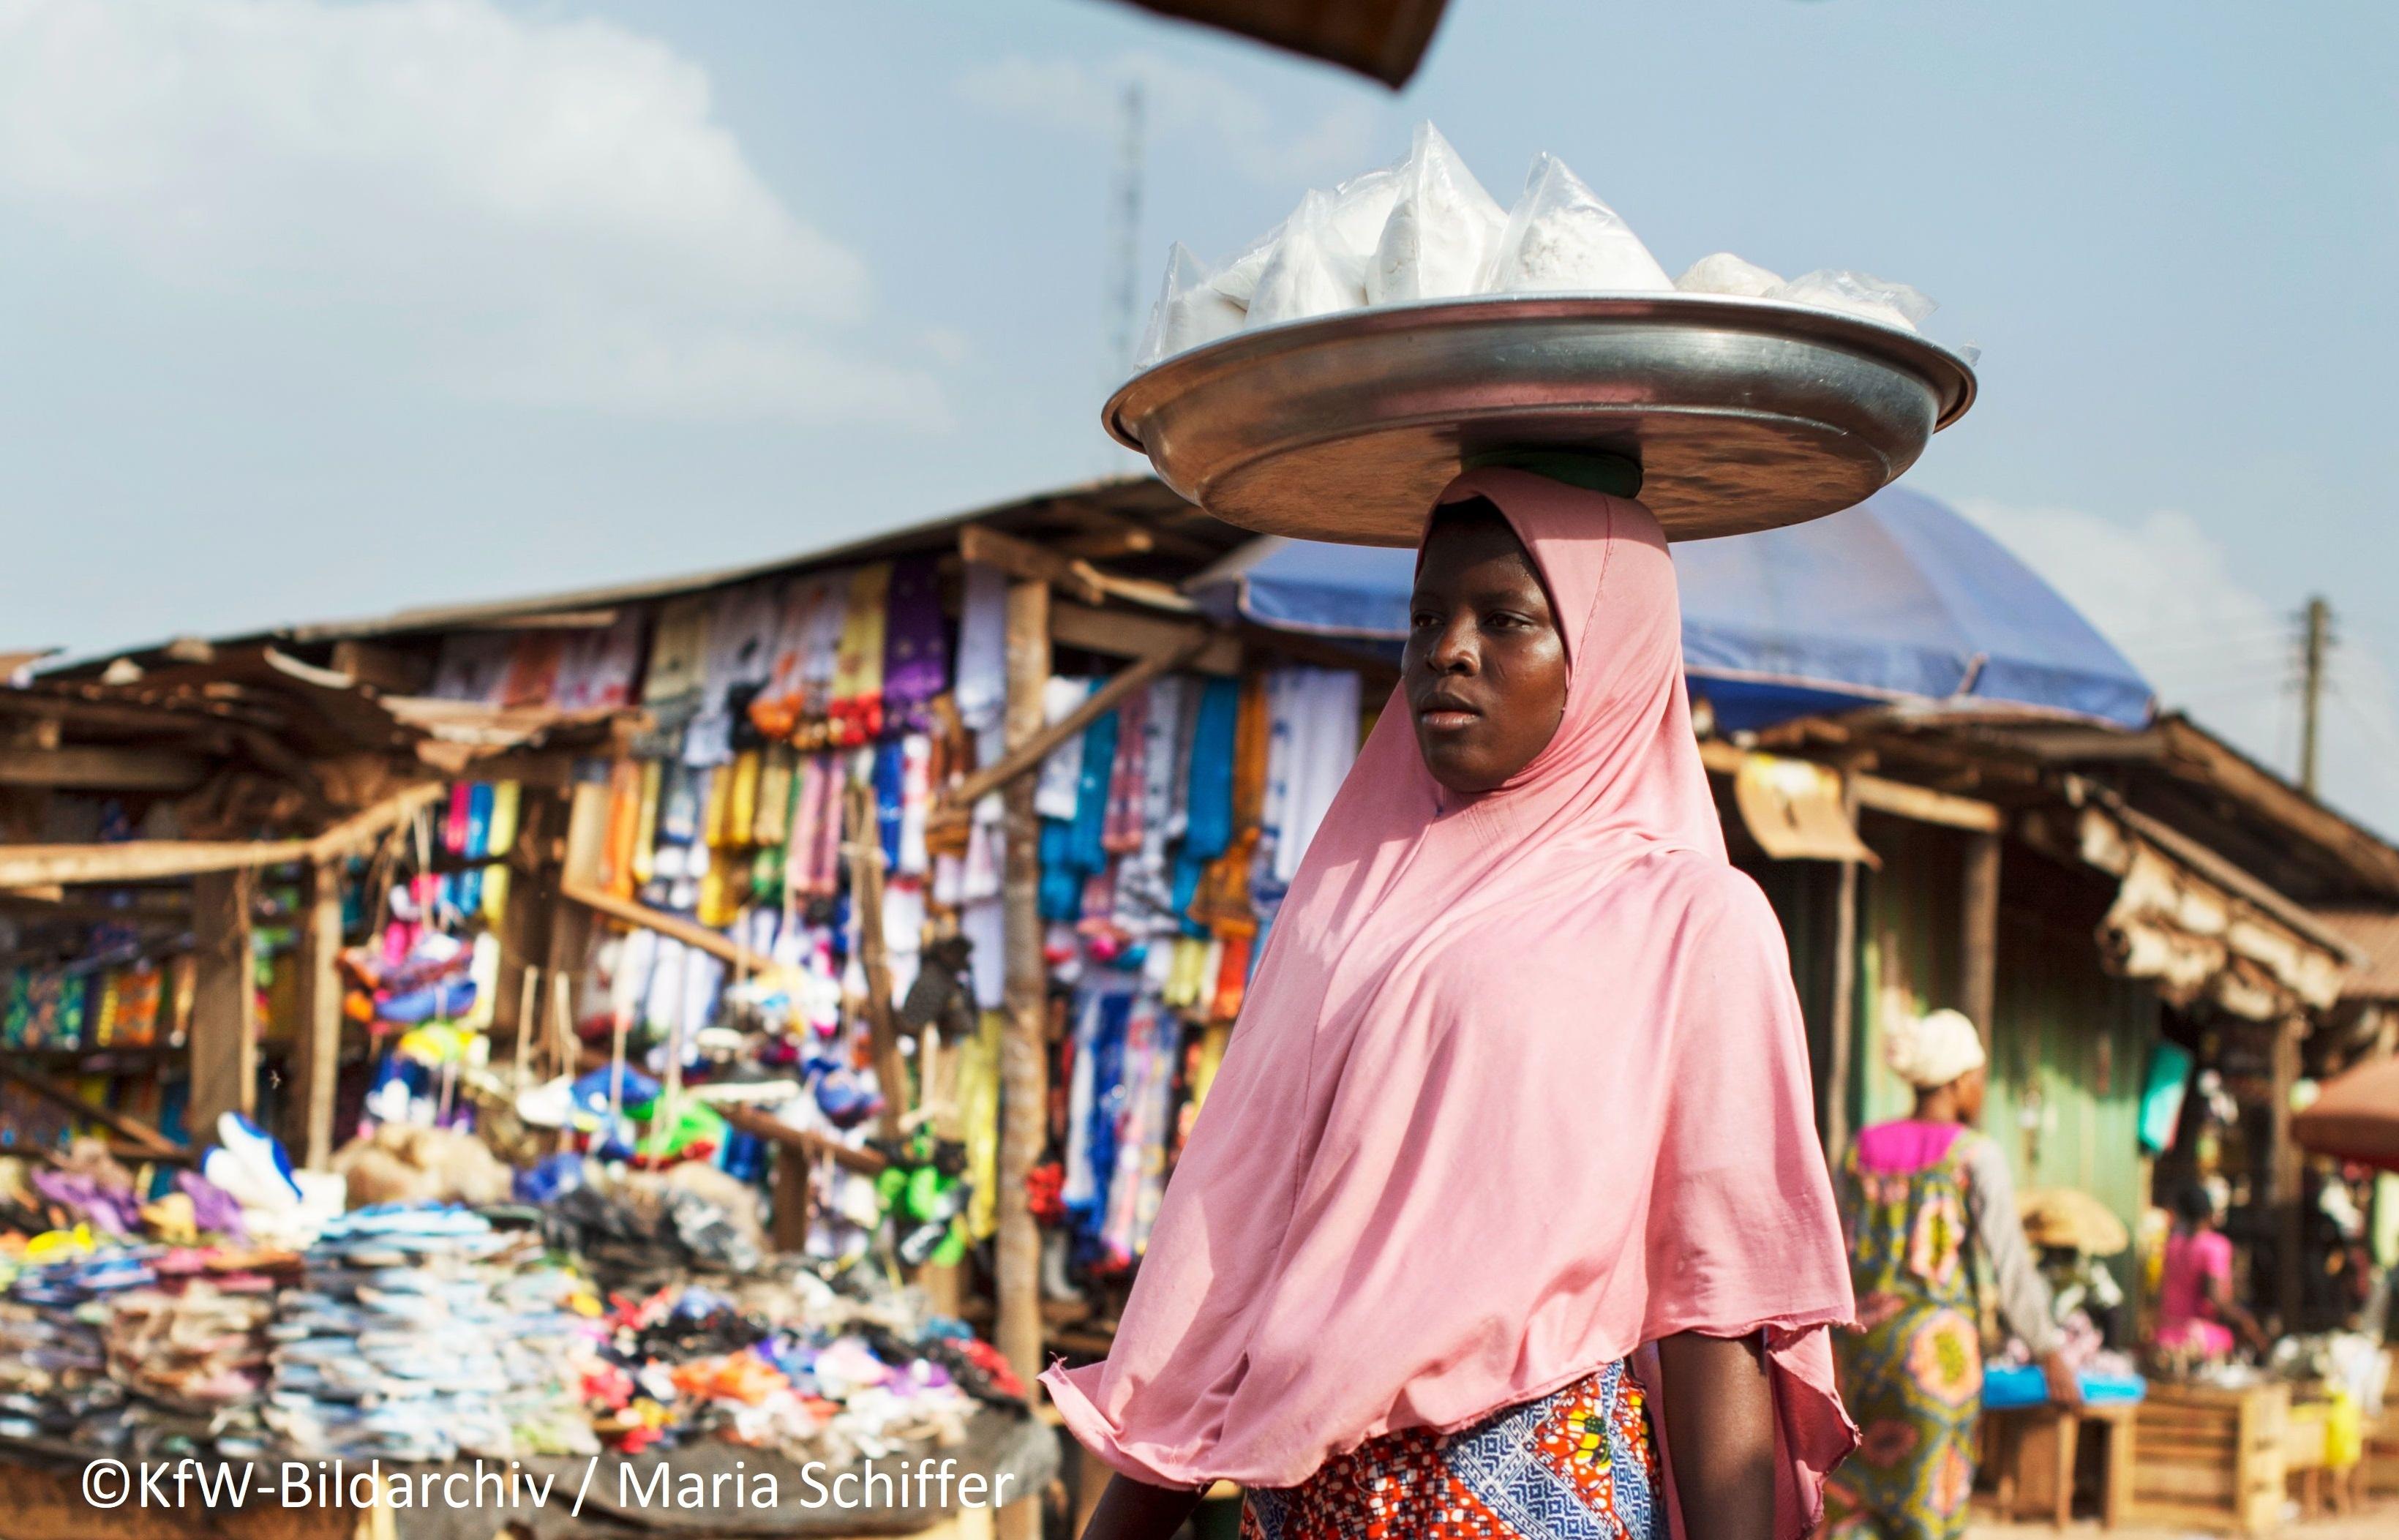 Ghanaische Frau trägt Lebensmittel in einer Schale auf dem Kopf